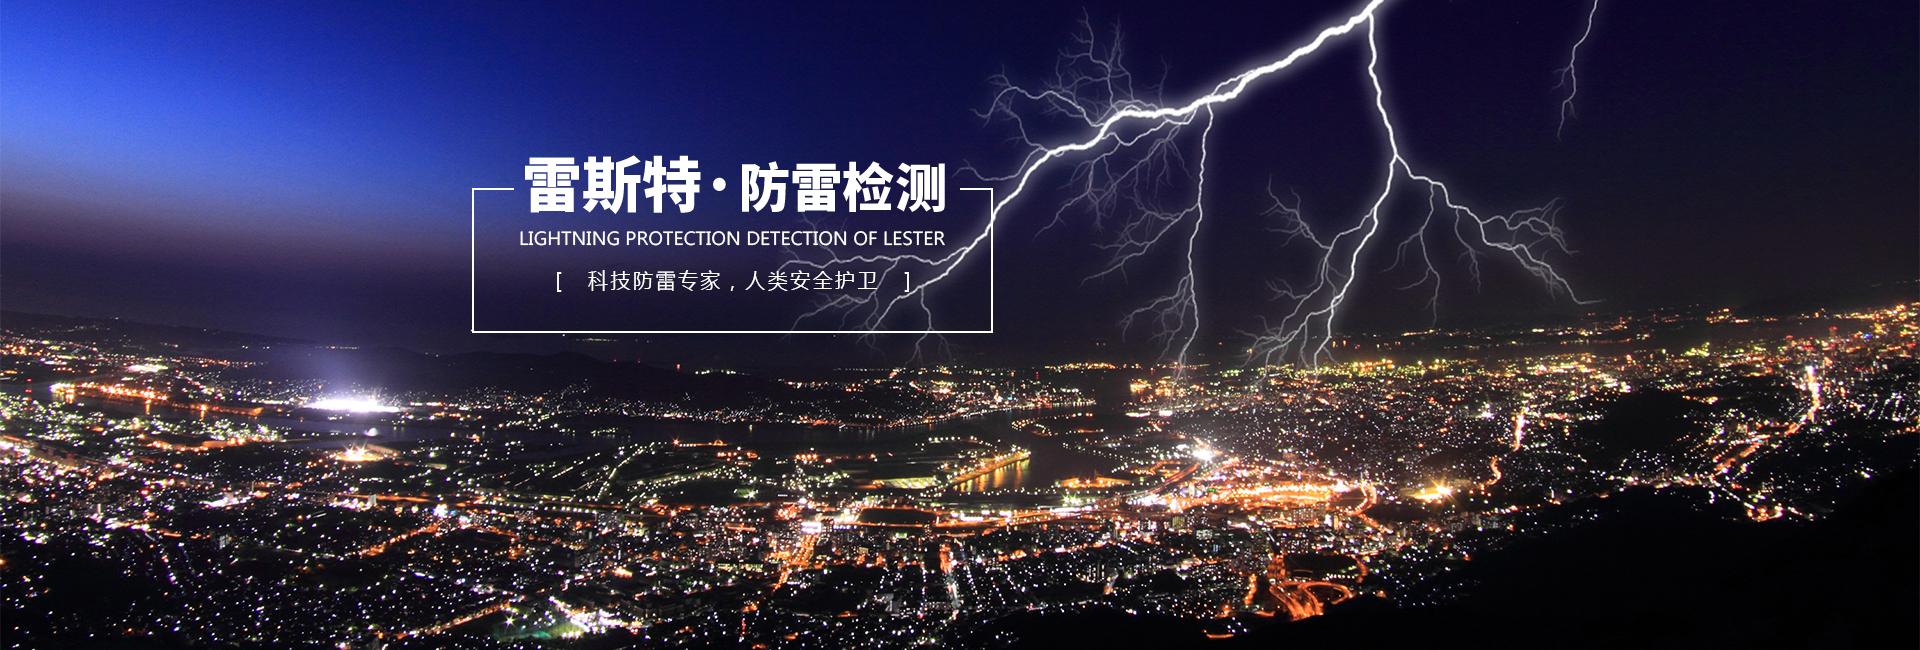 哈尔滨防雷检测